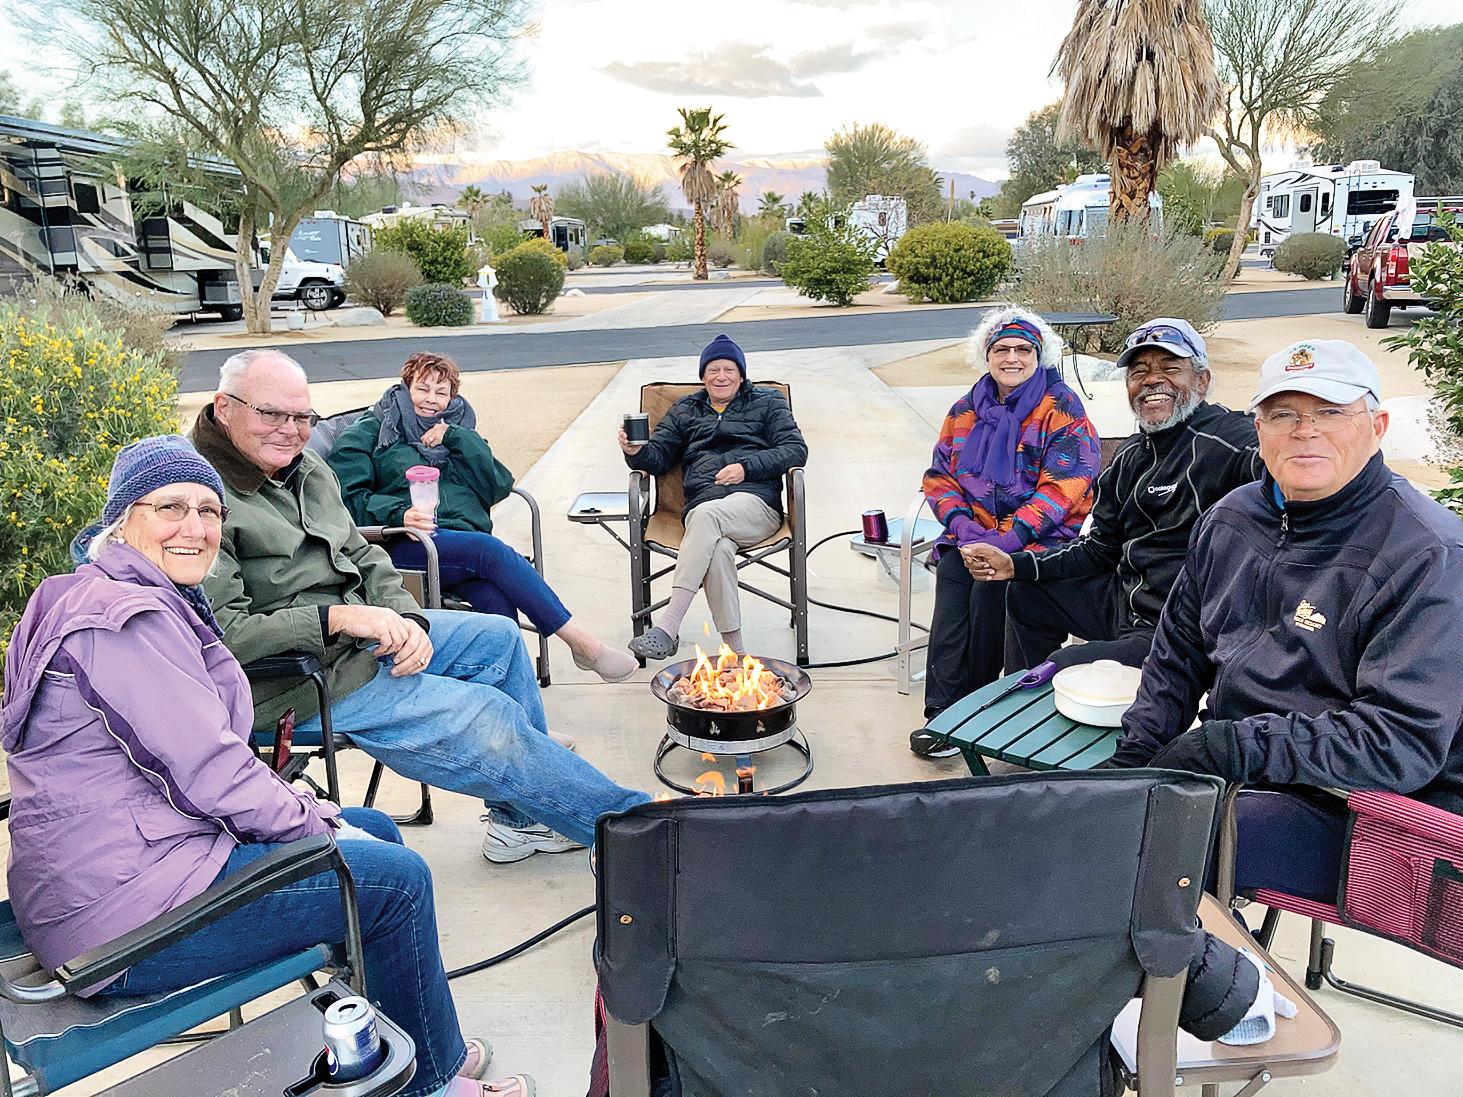 Quail Creek RV Club members enjoy a nightly campfire.